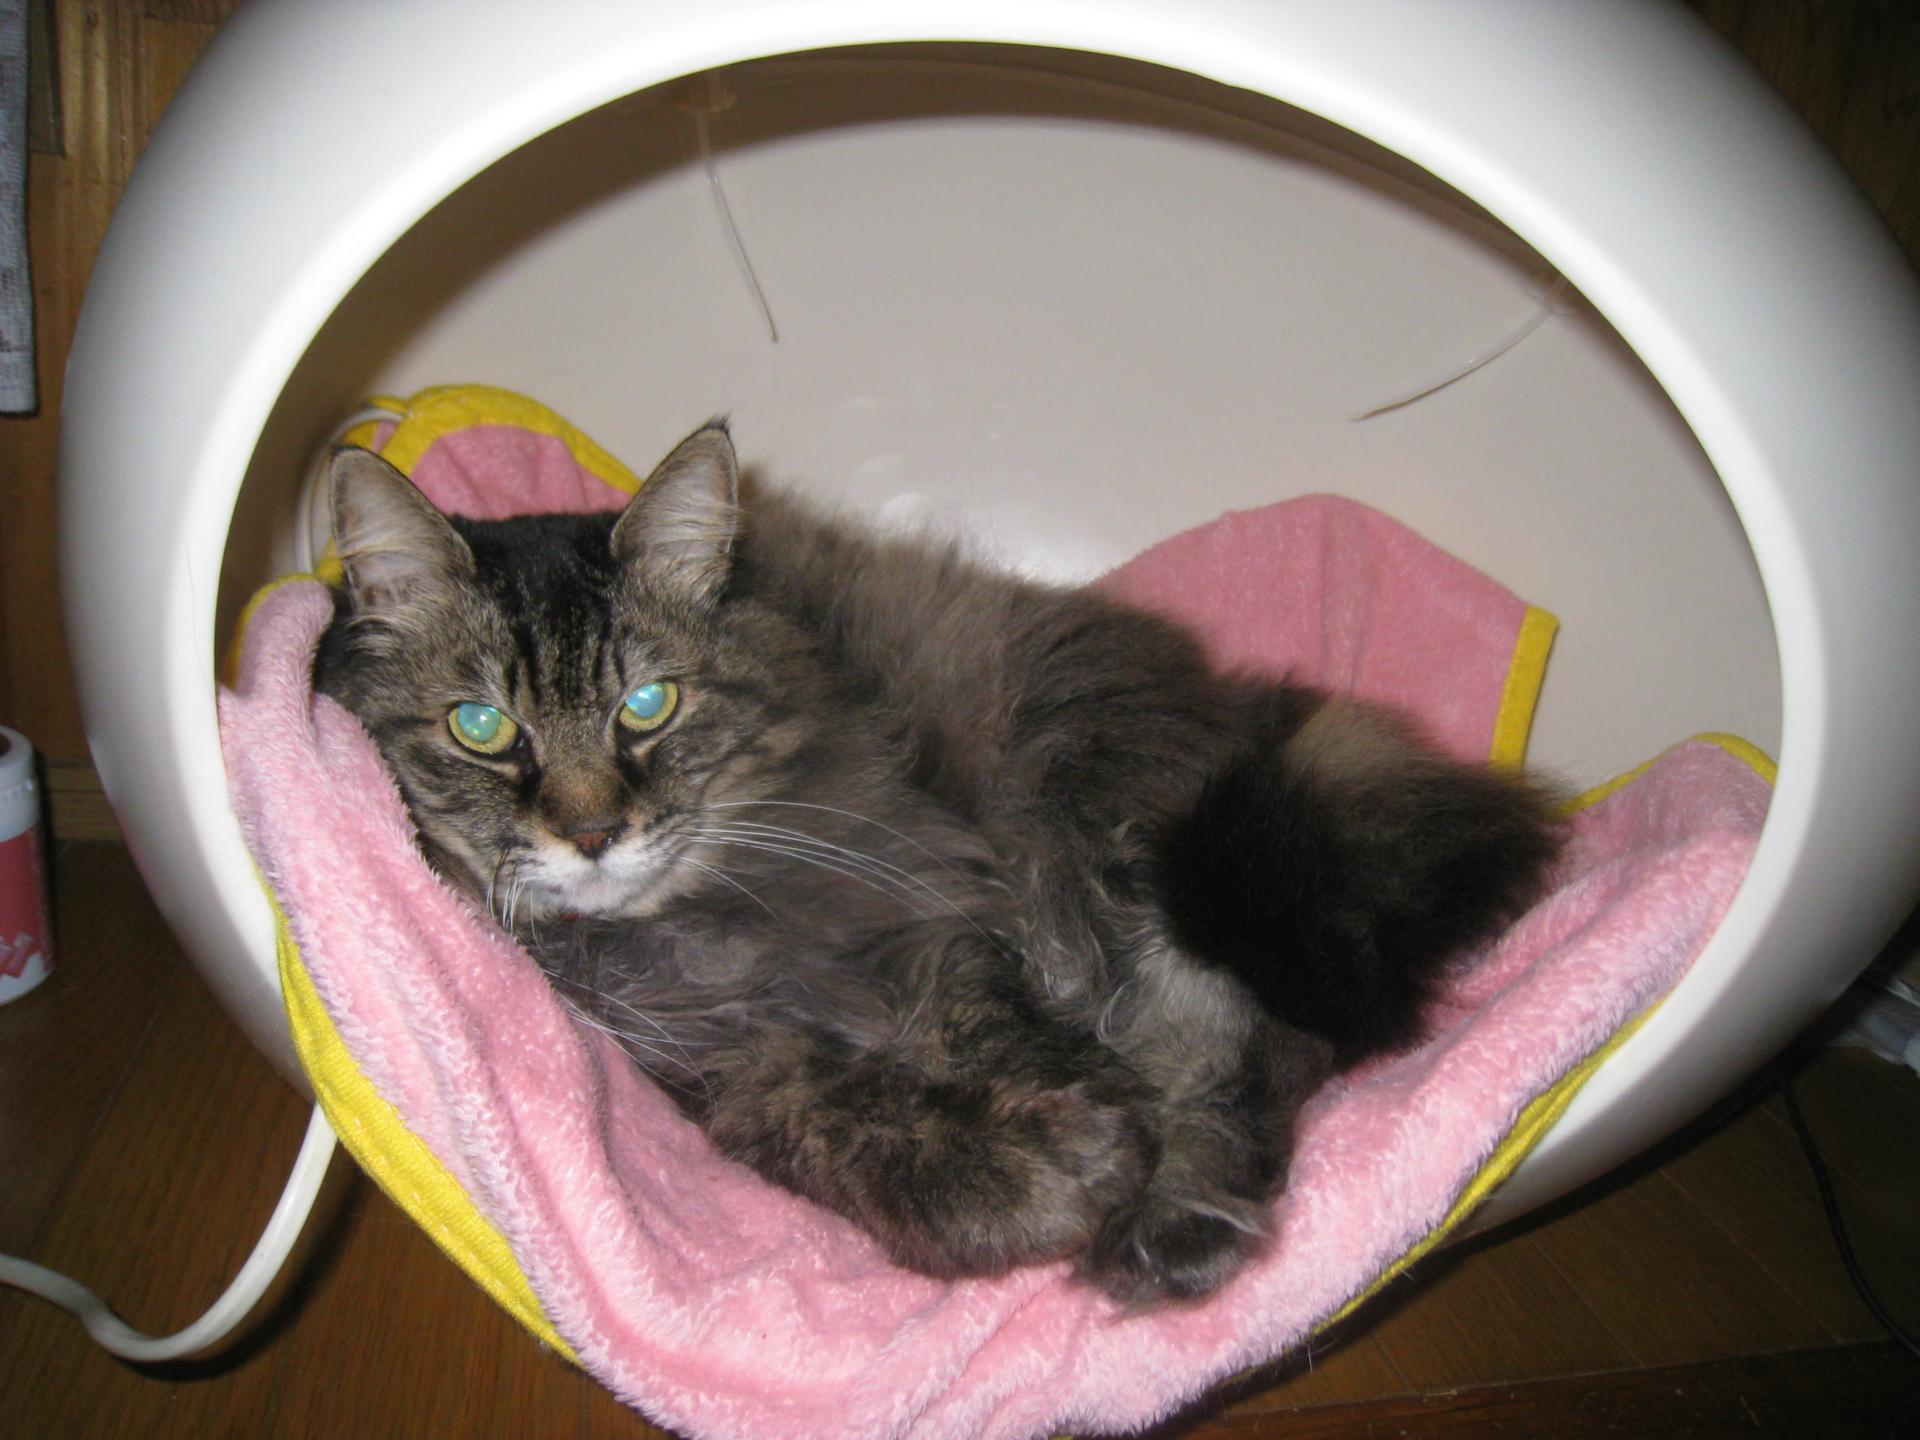 ヤフオクでついついまた猫ベットを買うという始末。 病死続きで猫に対するモチべが下がっていたので、可愛いのをと、つい\u2026。当然10年は使うぞ。